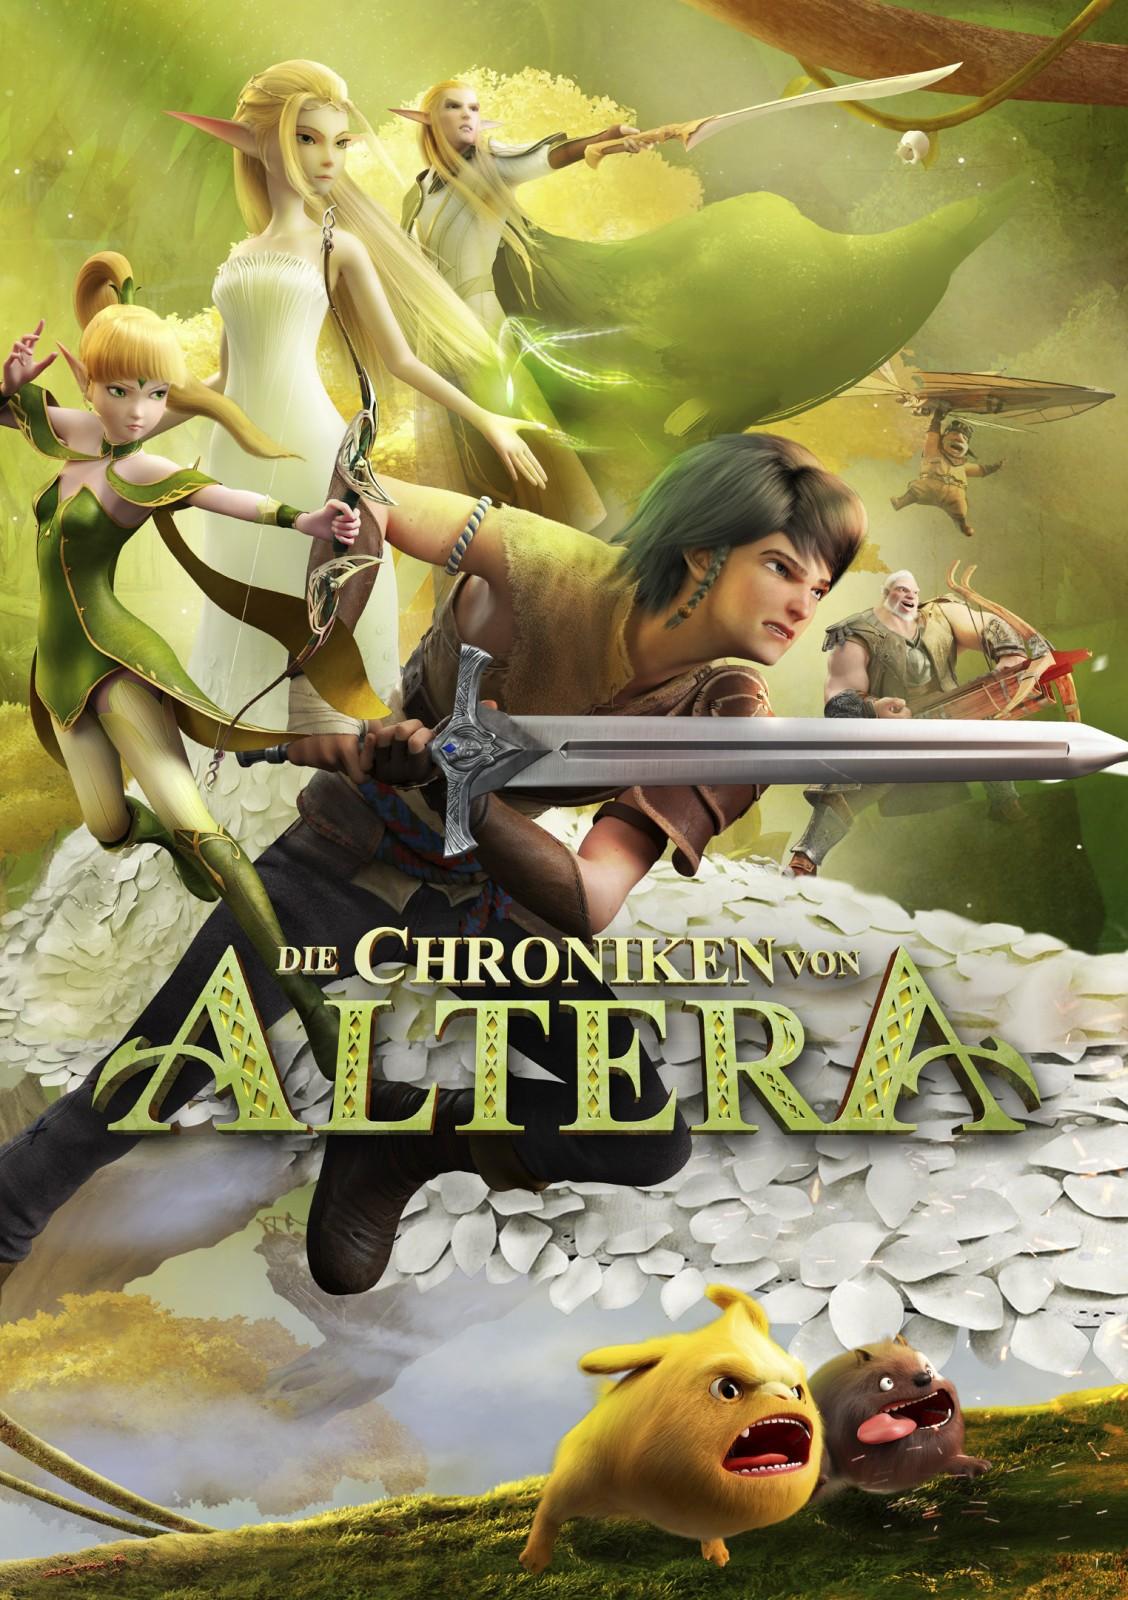 Die Chroniken Von Altera 3